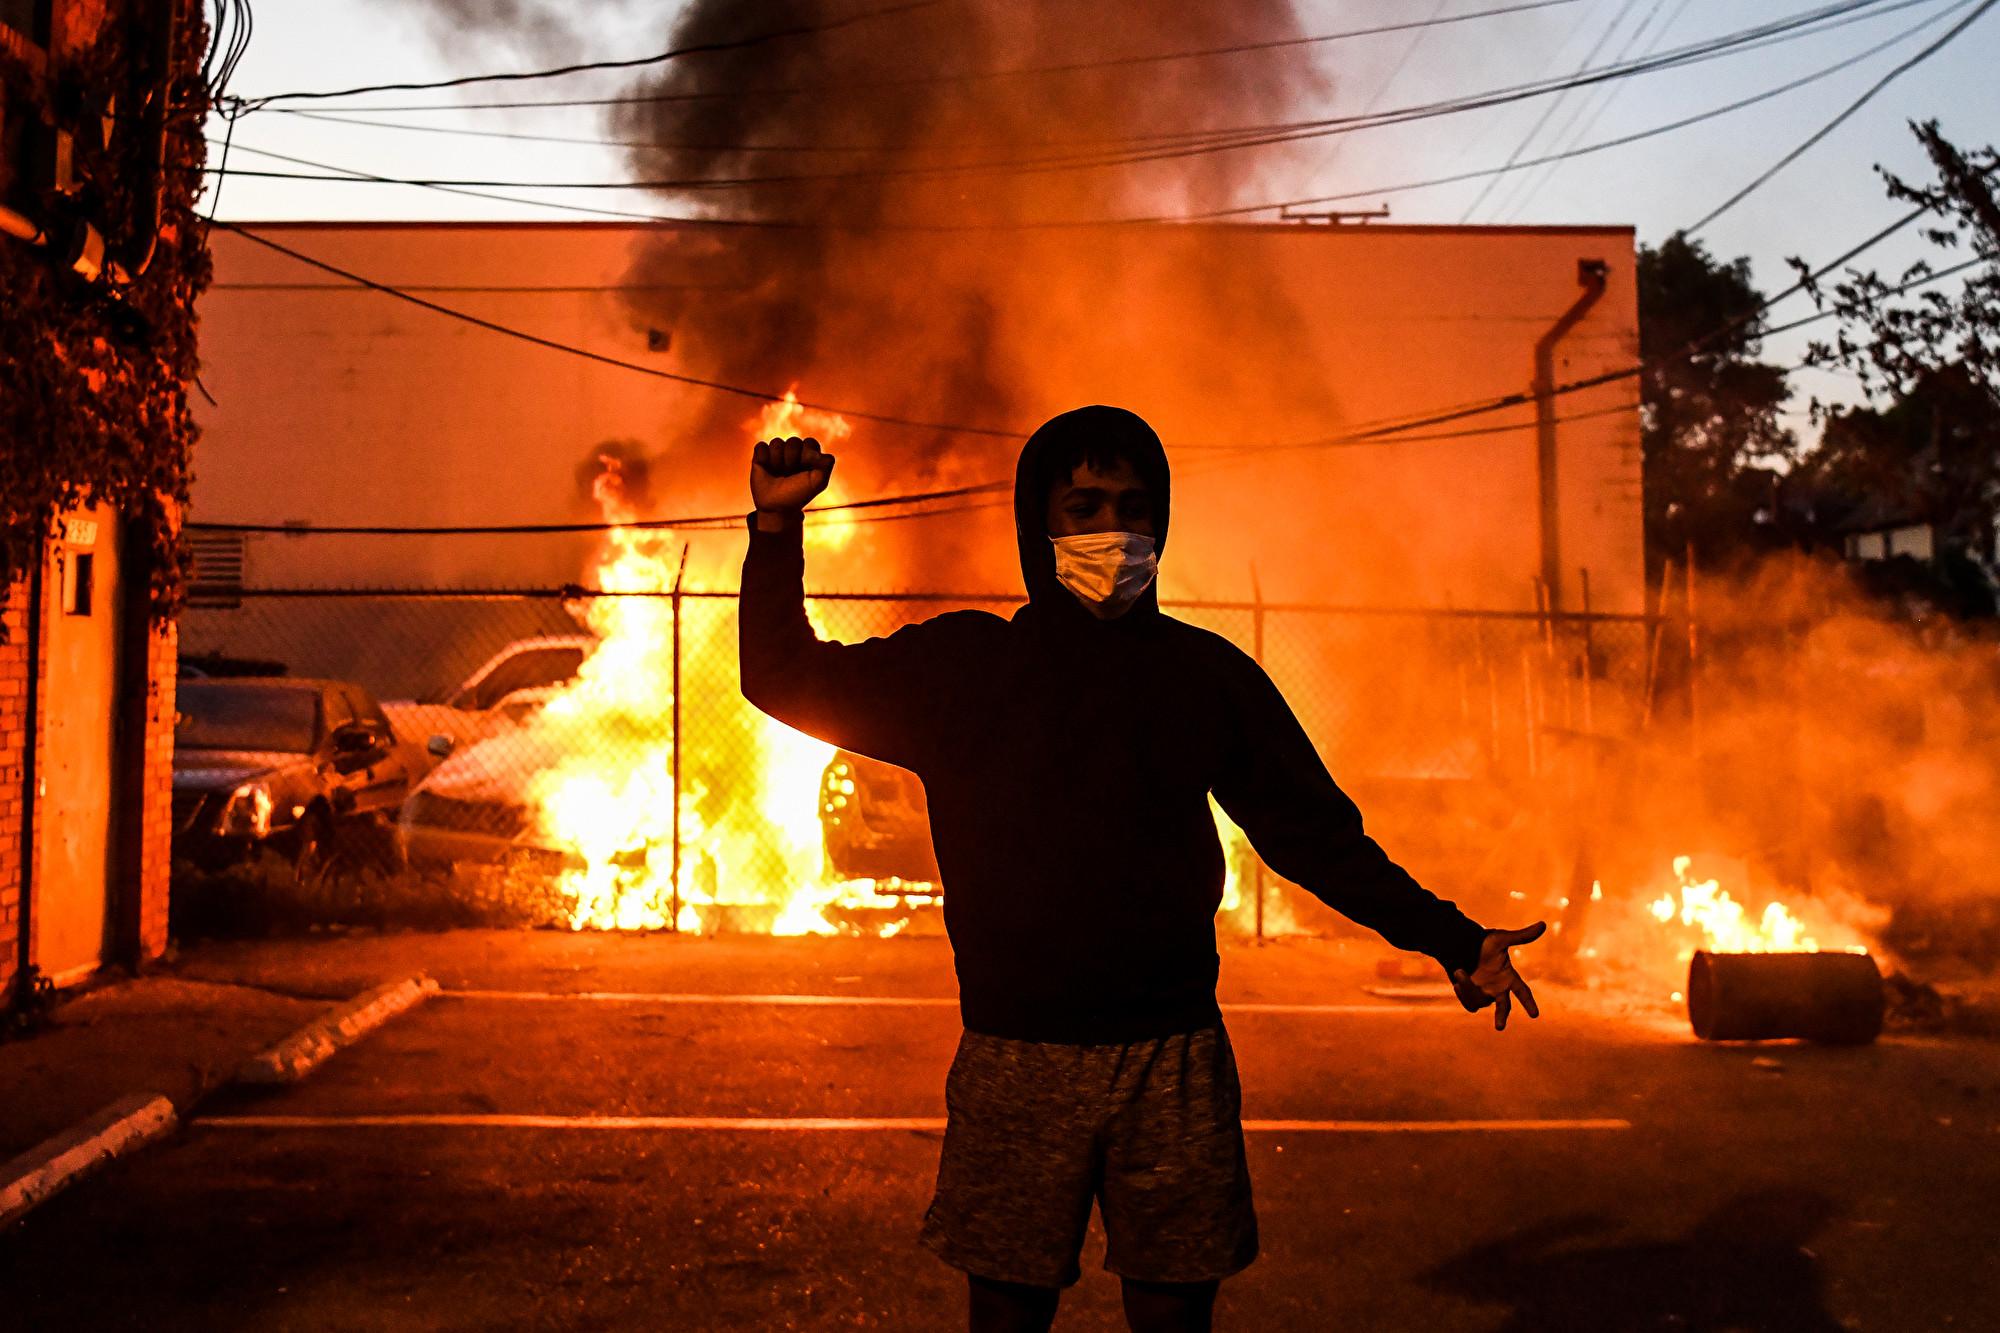 楊威:美國應徹底清除滲透內部的共產勢力